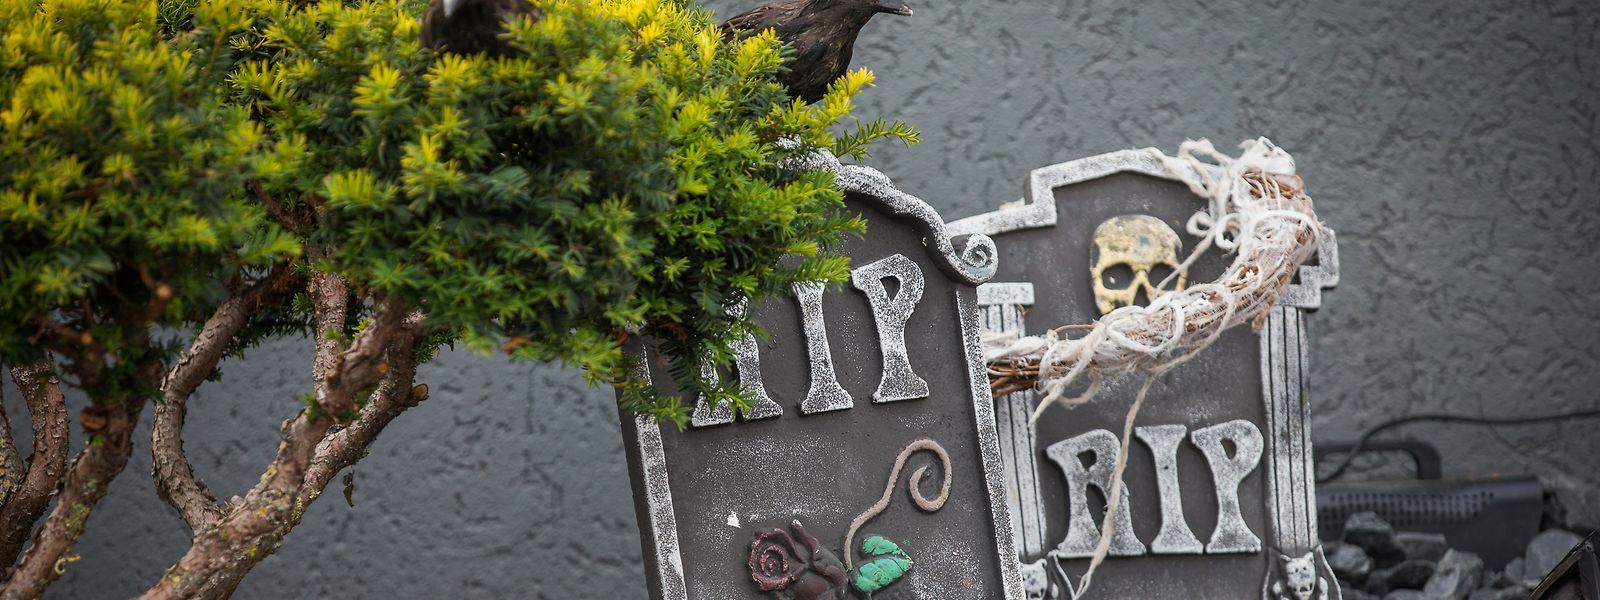 Zur Halloween-Zeit richtet die Familie Morais-Lopes Grabsteine im Vorgarten auf.